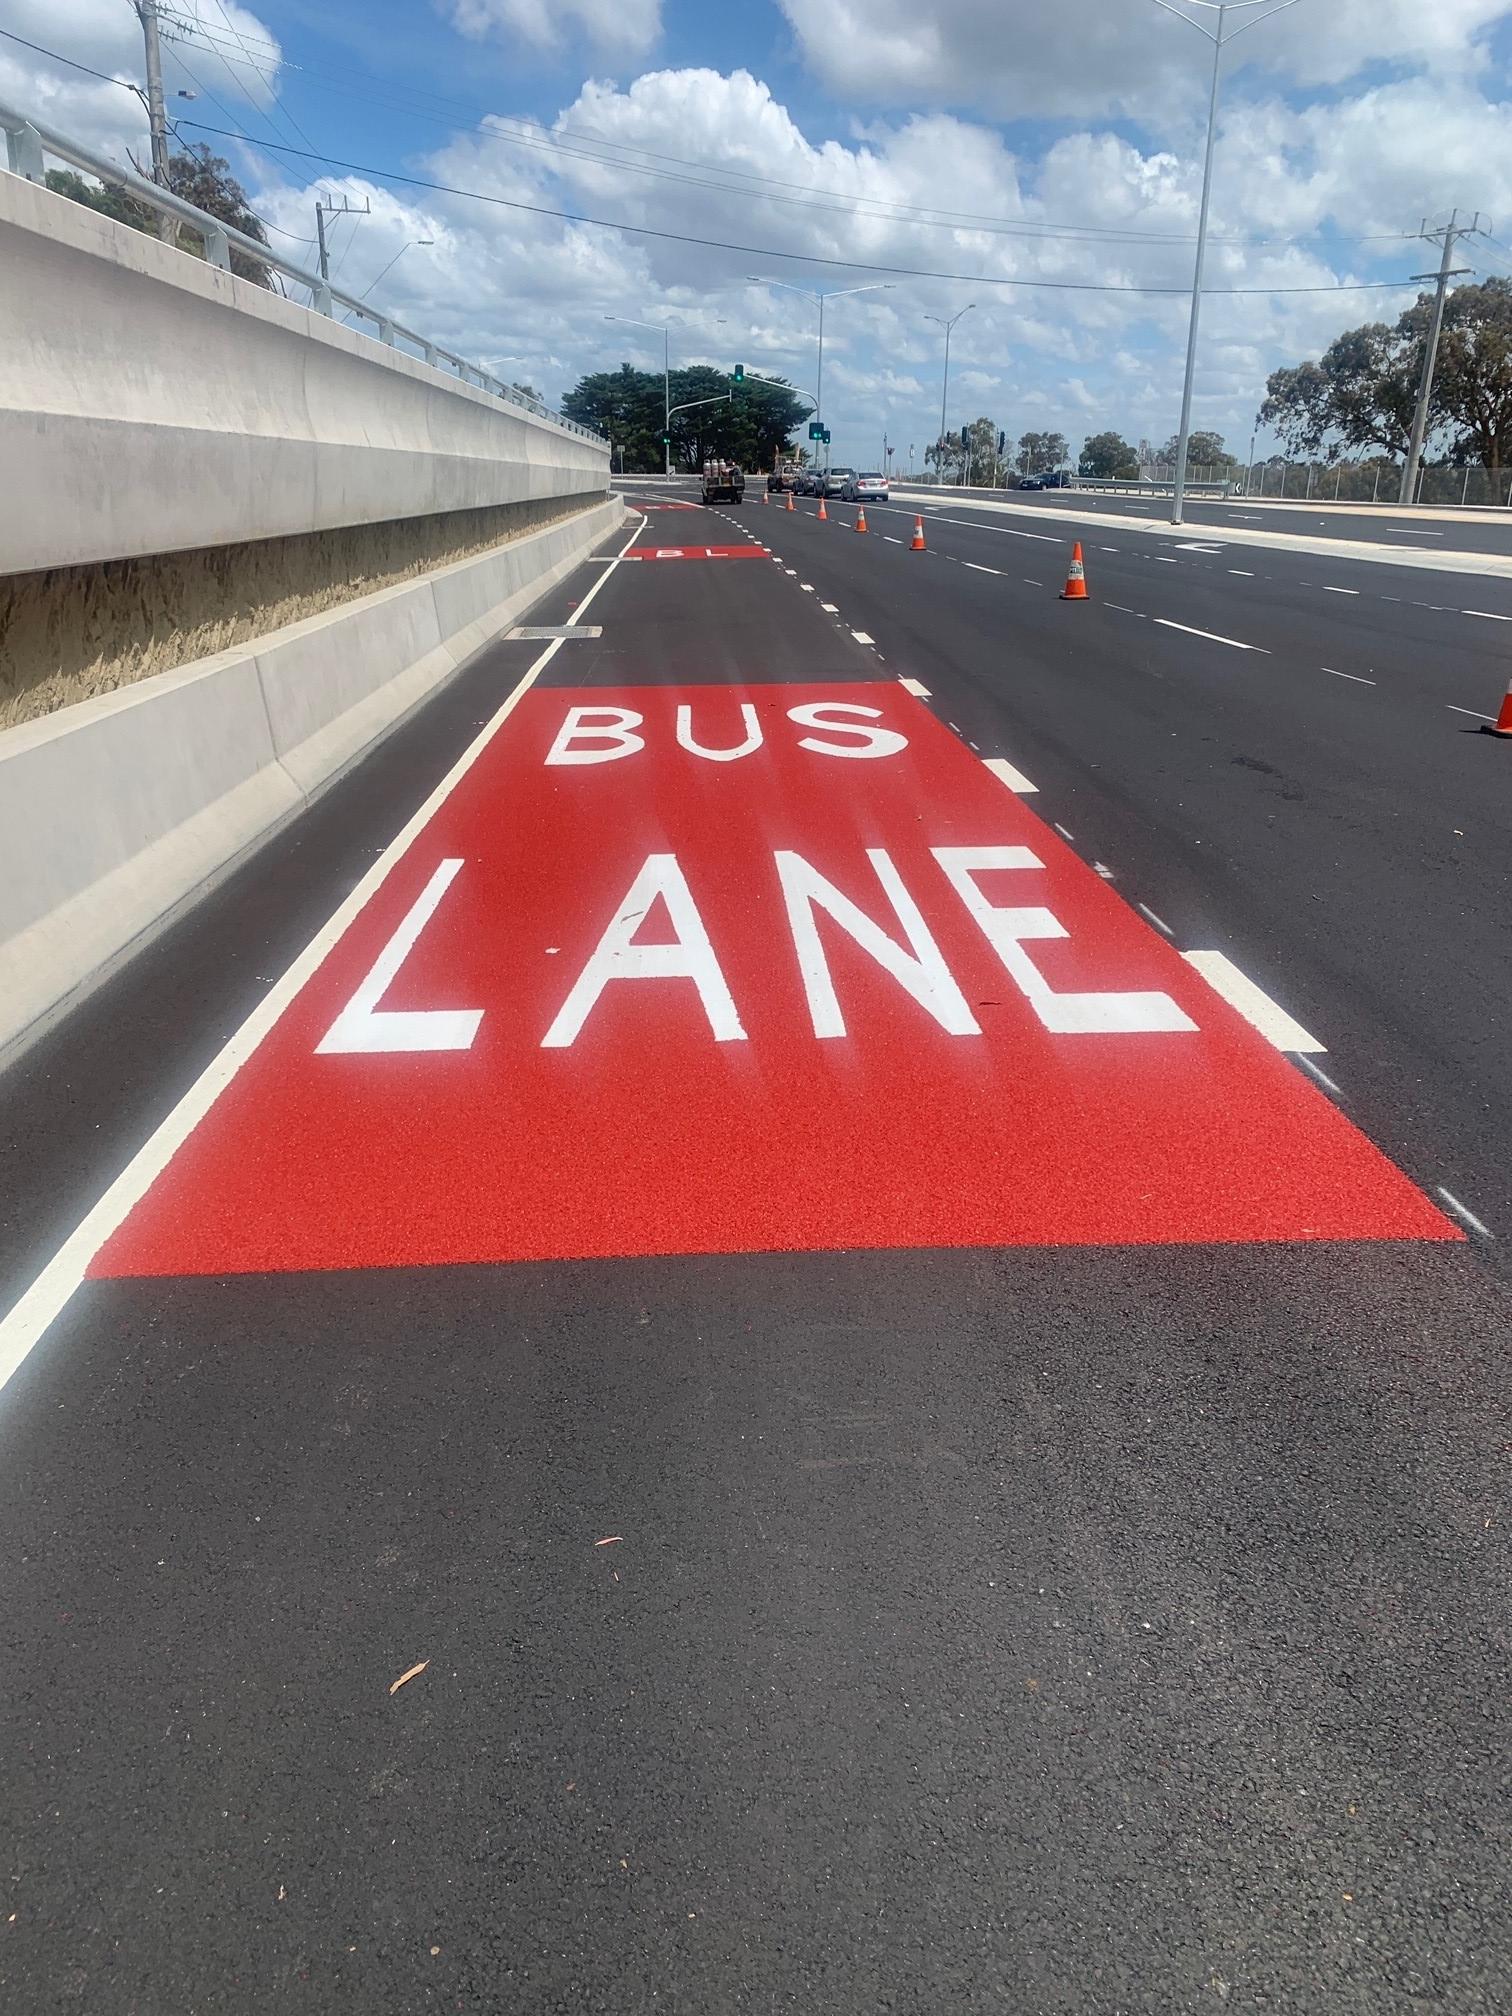 Yan Yean Rd Bus Lane with OmniGrip CST